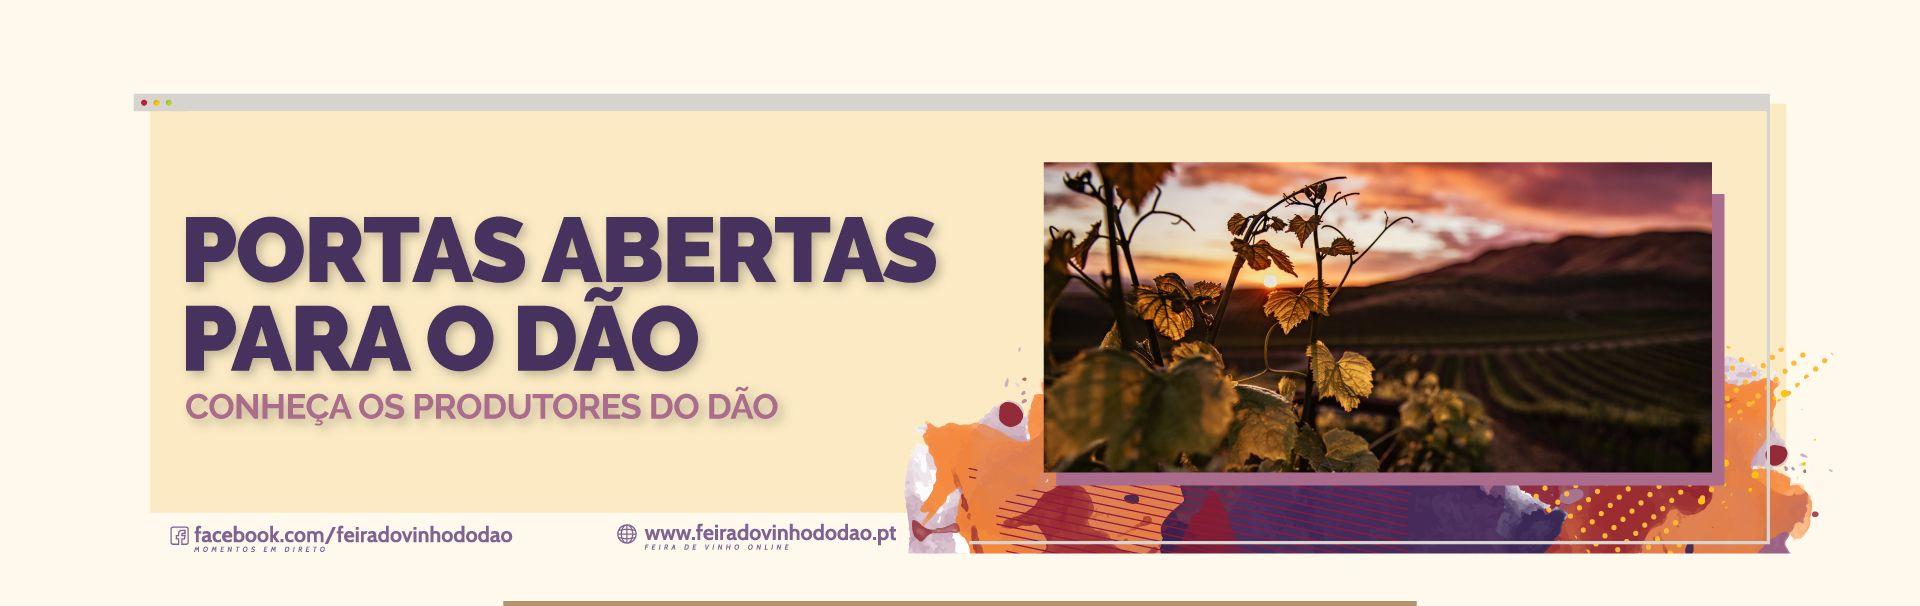 banner_Portas-Abertas-para-o-Dão.jpg